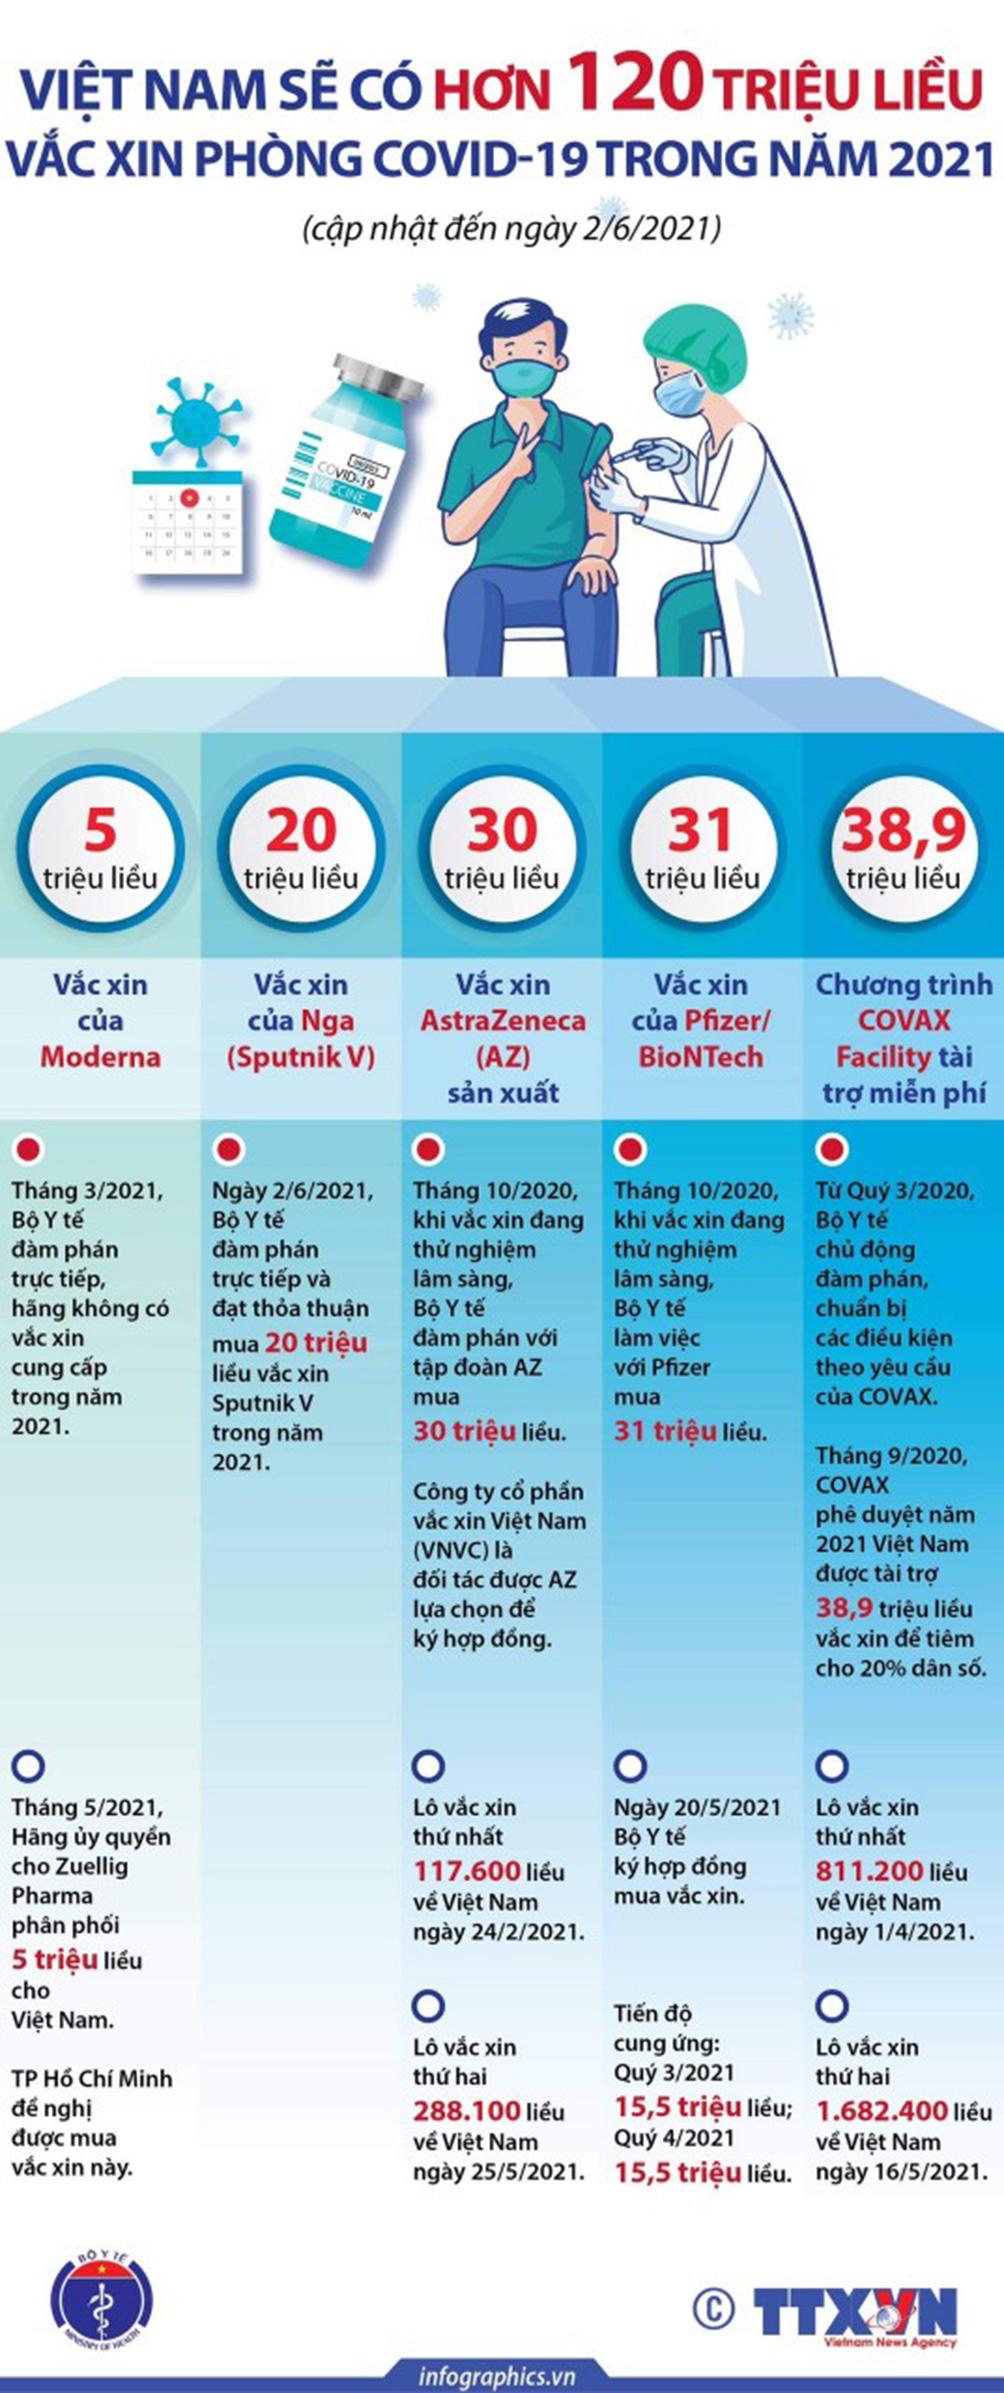 Infographic: Toàn cảnh đàm phán, mua và cung ứng hơn 120 triệu liều vắc-xin COVID-19 tại VN - hình ảnh 1